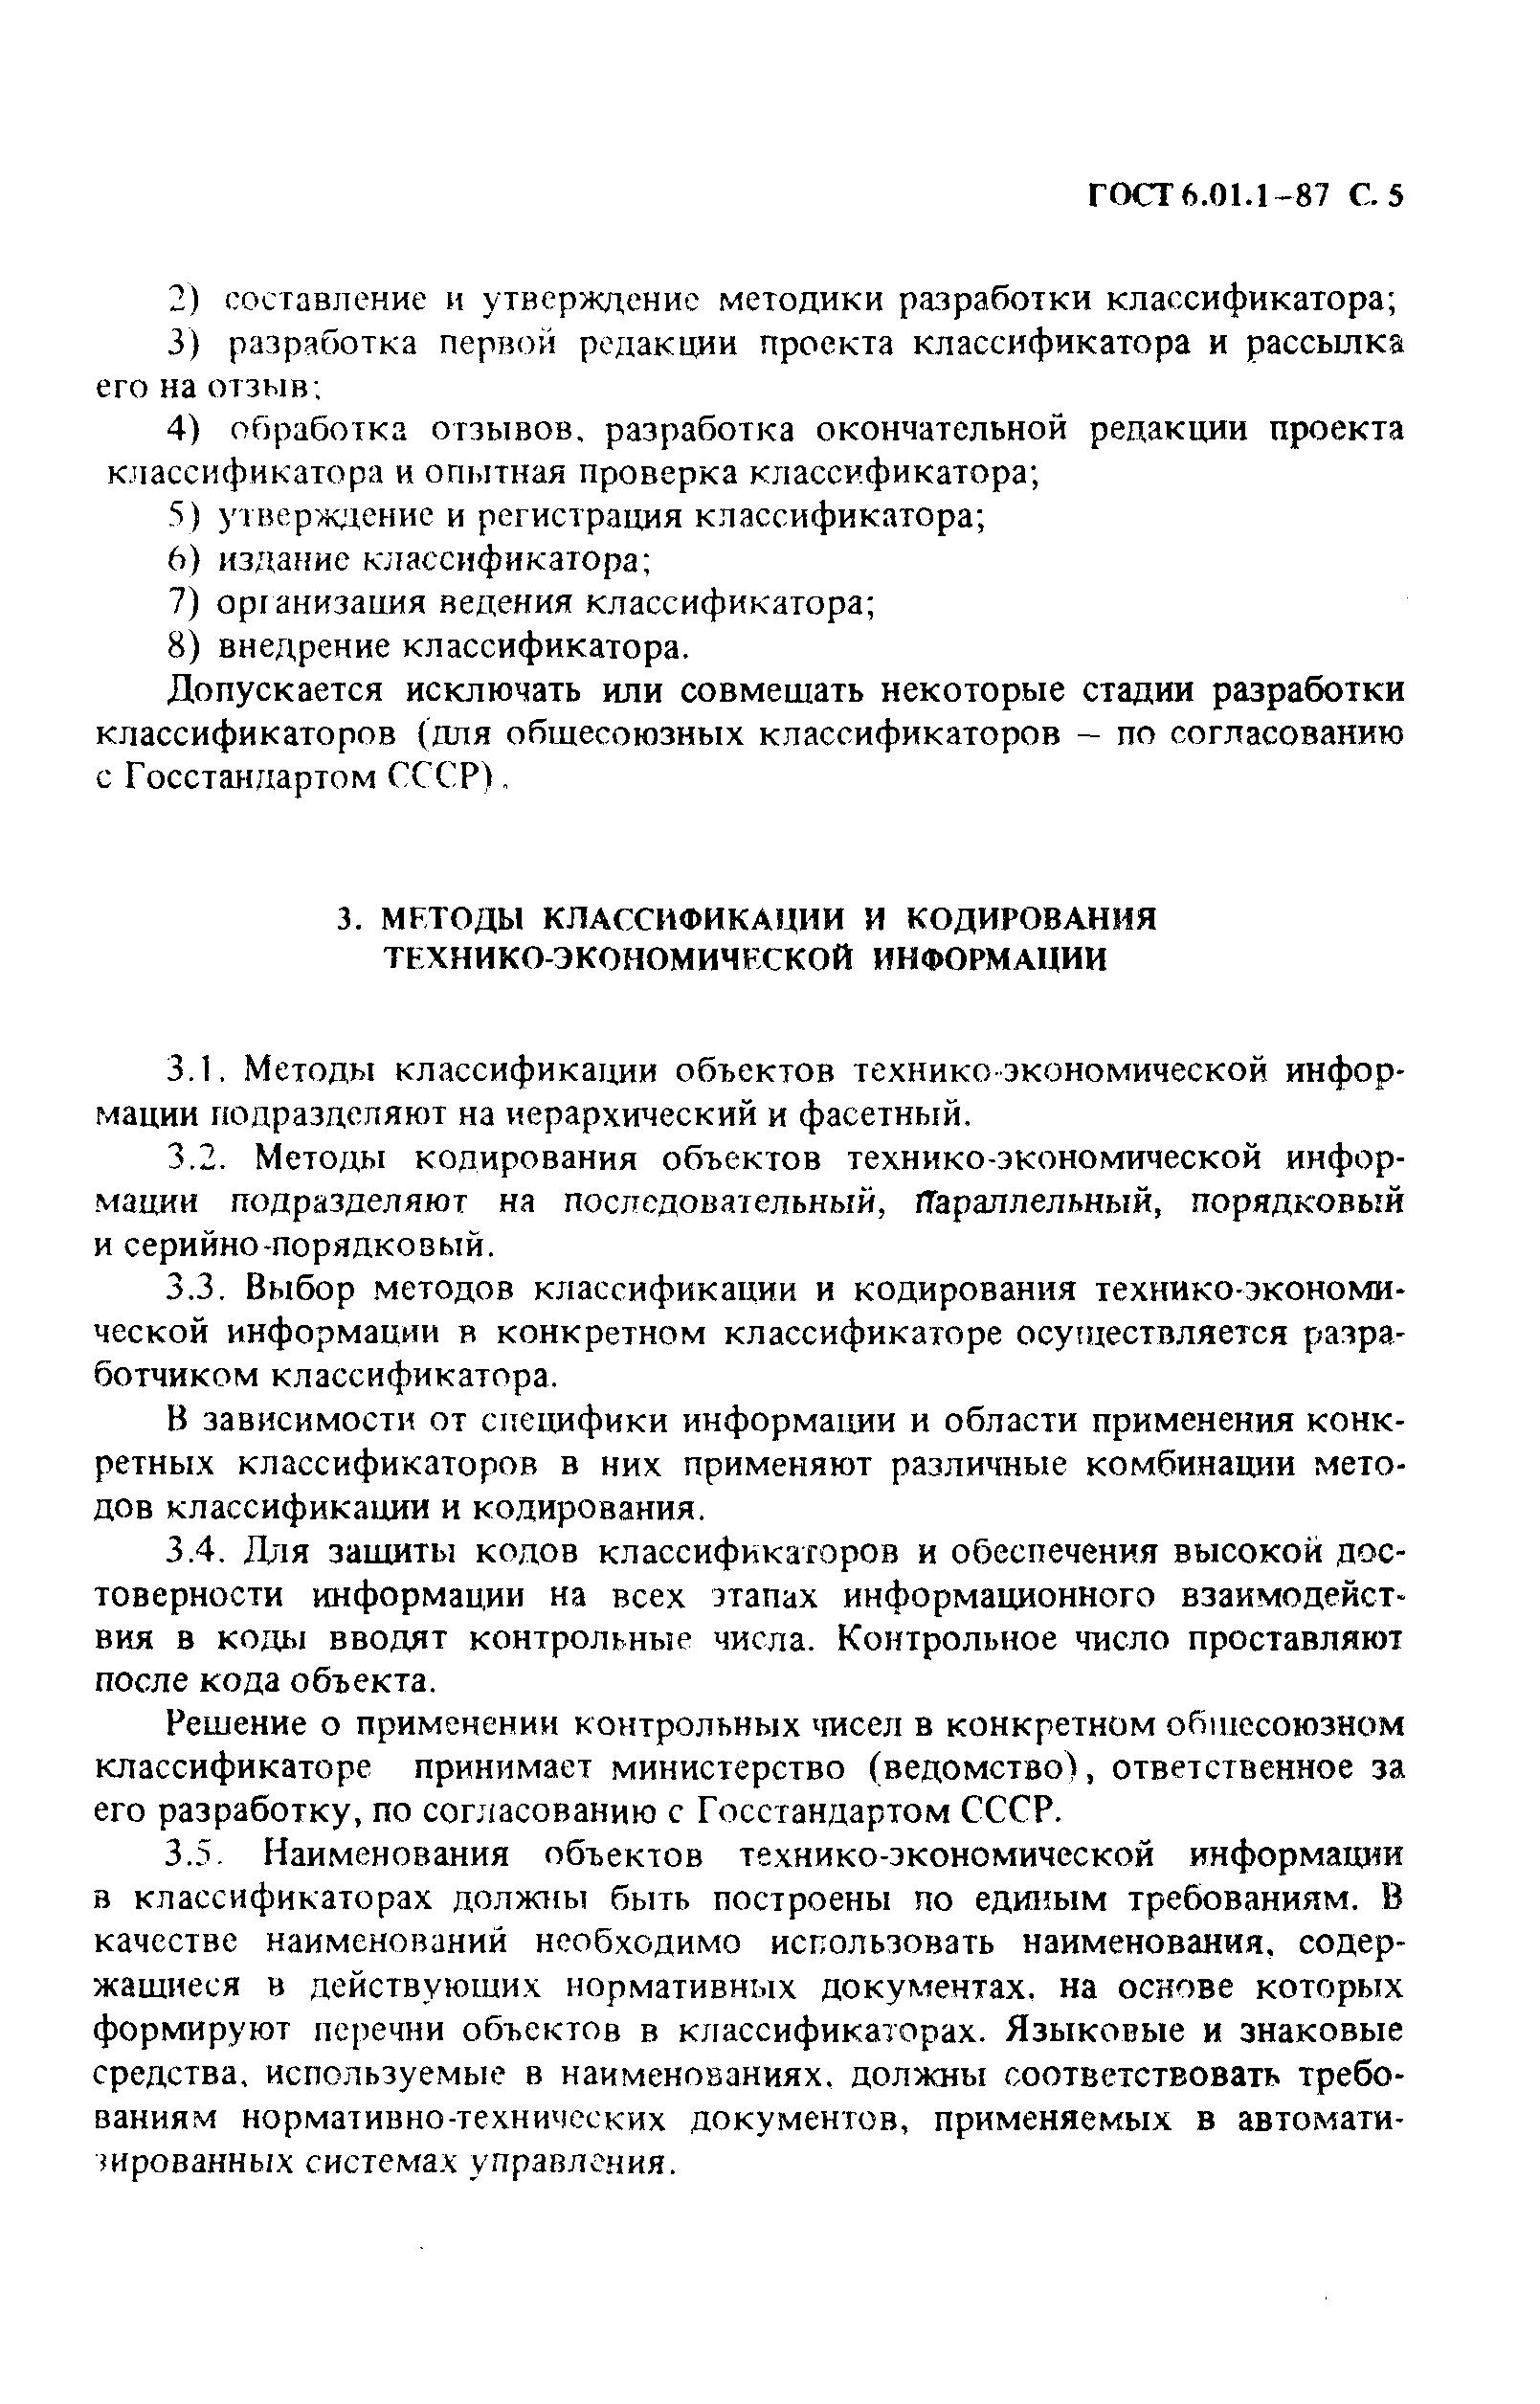 ГОСТ 6.01.1-87. Страница 6